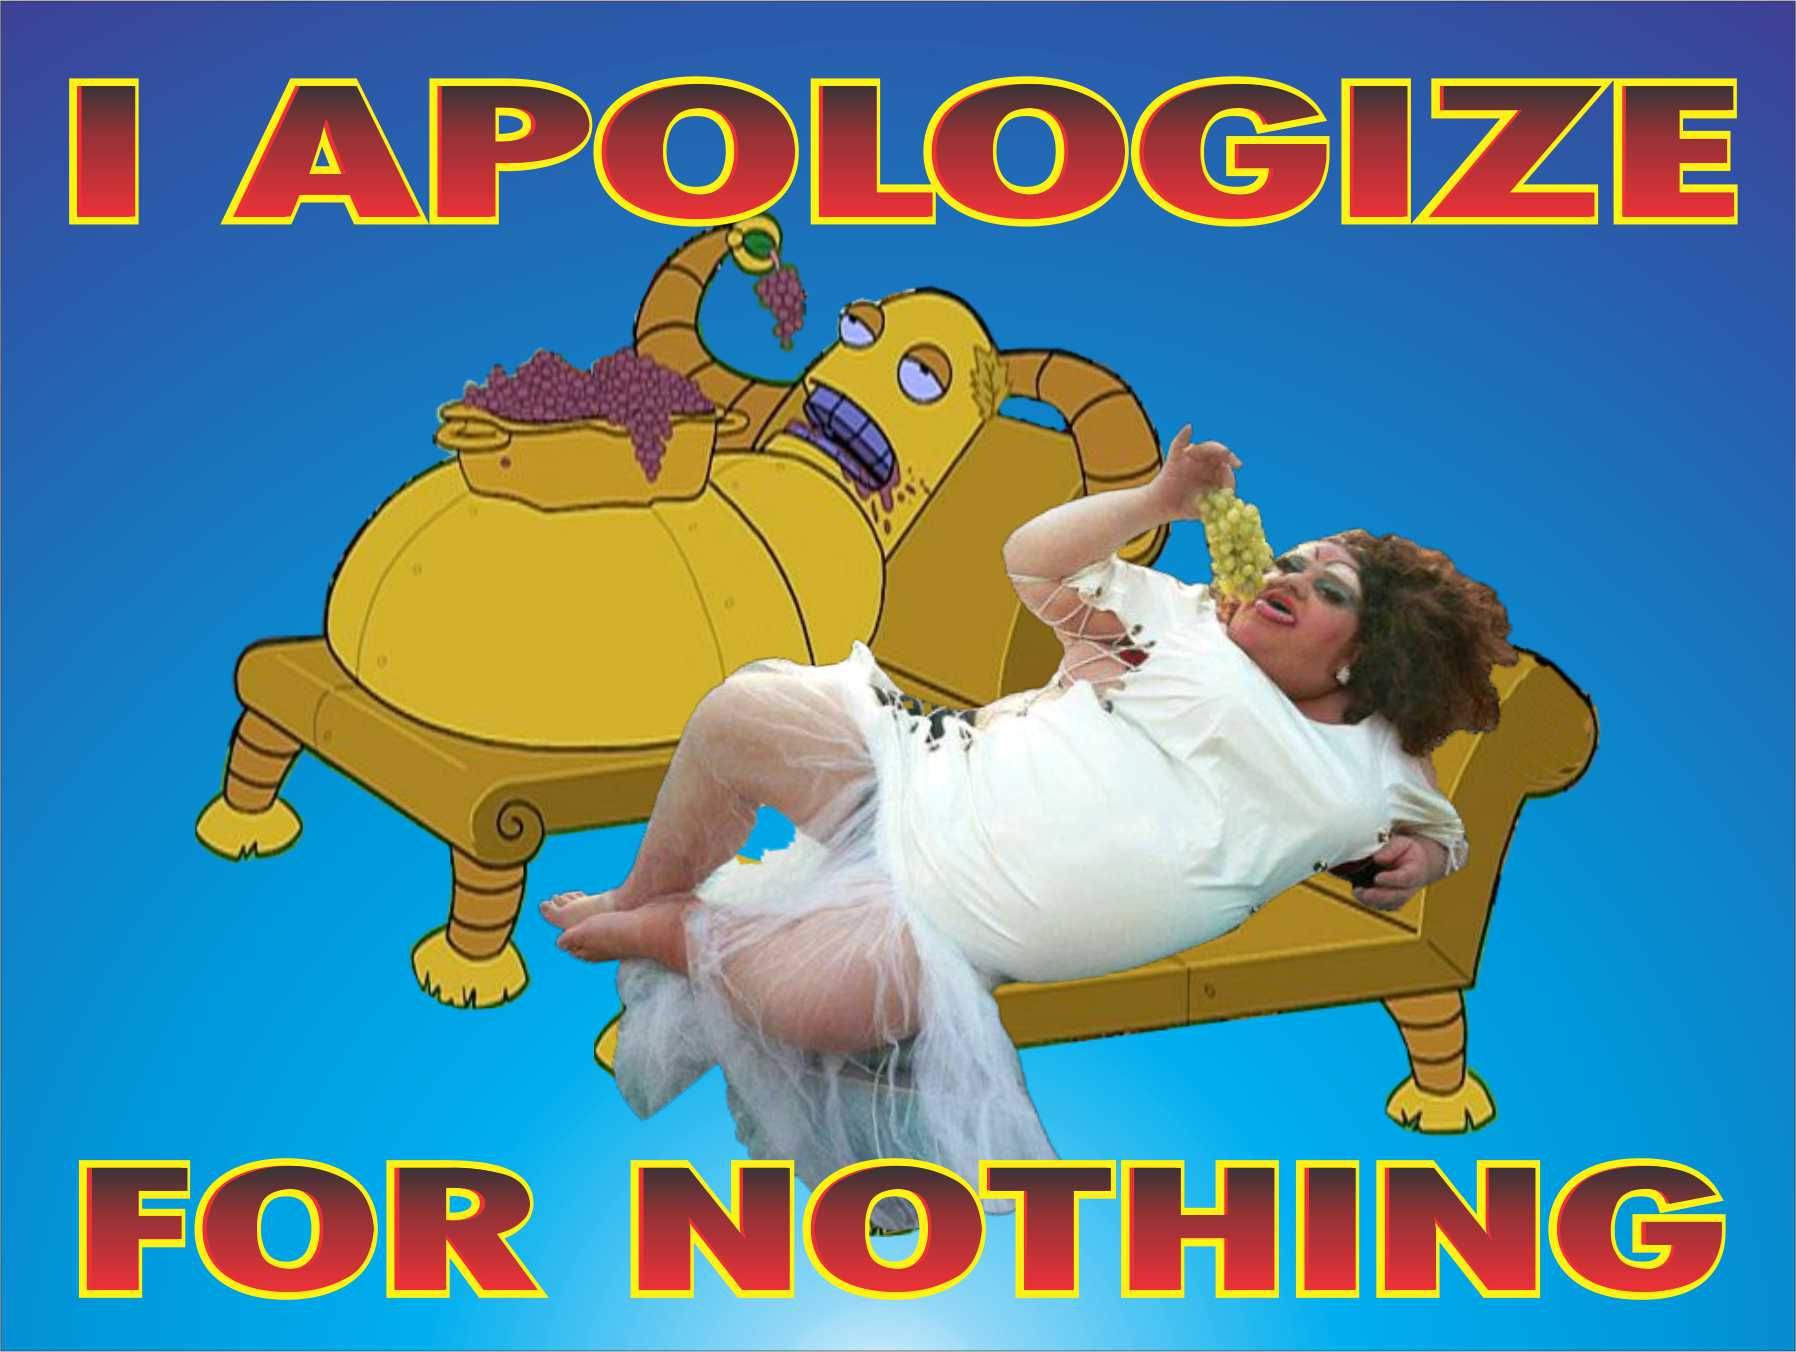 I Apologize for Nothing